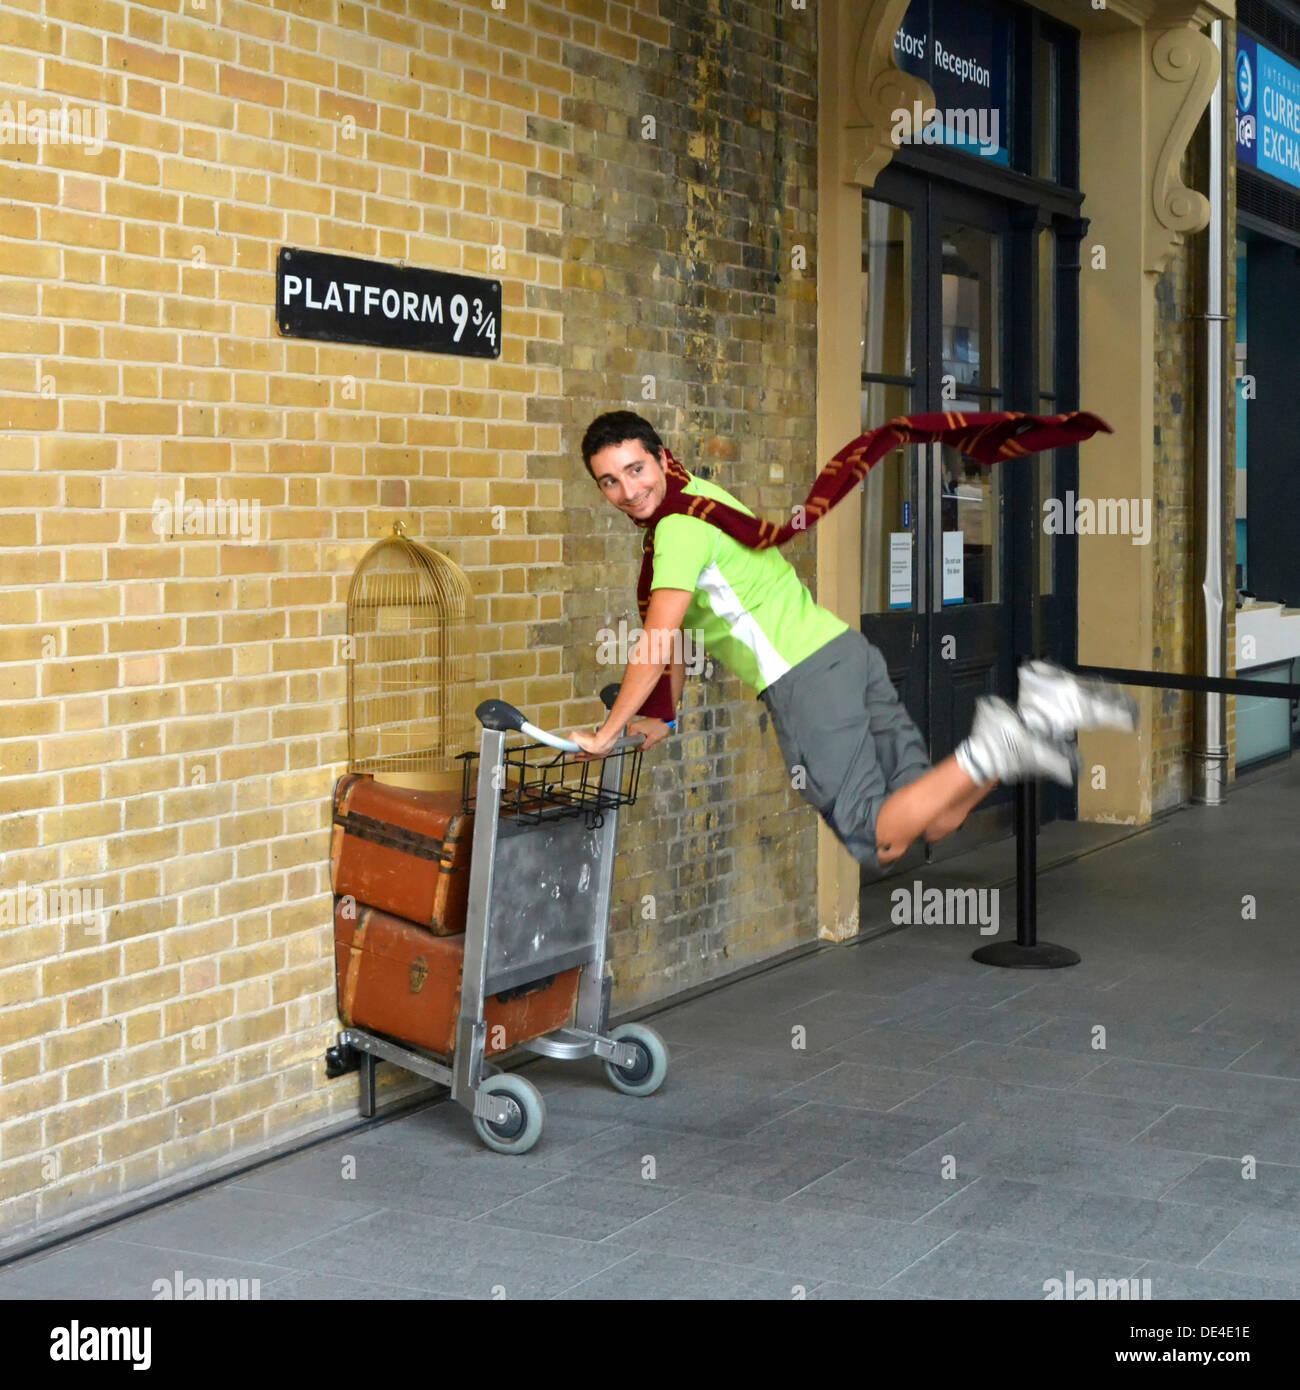 Fan de Harry Potter recrée en poussant un chariot à plate-forme neuf et trois quarts de la gare Kings Cross film London England UK Photo Stock